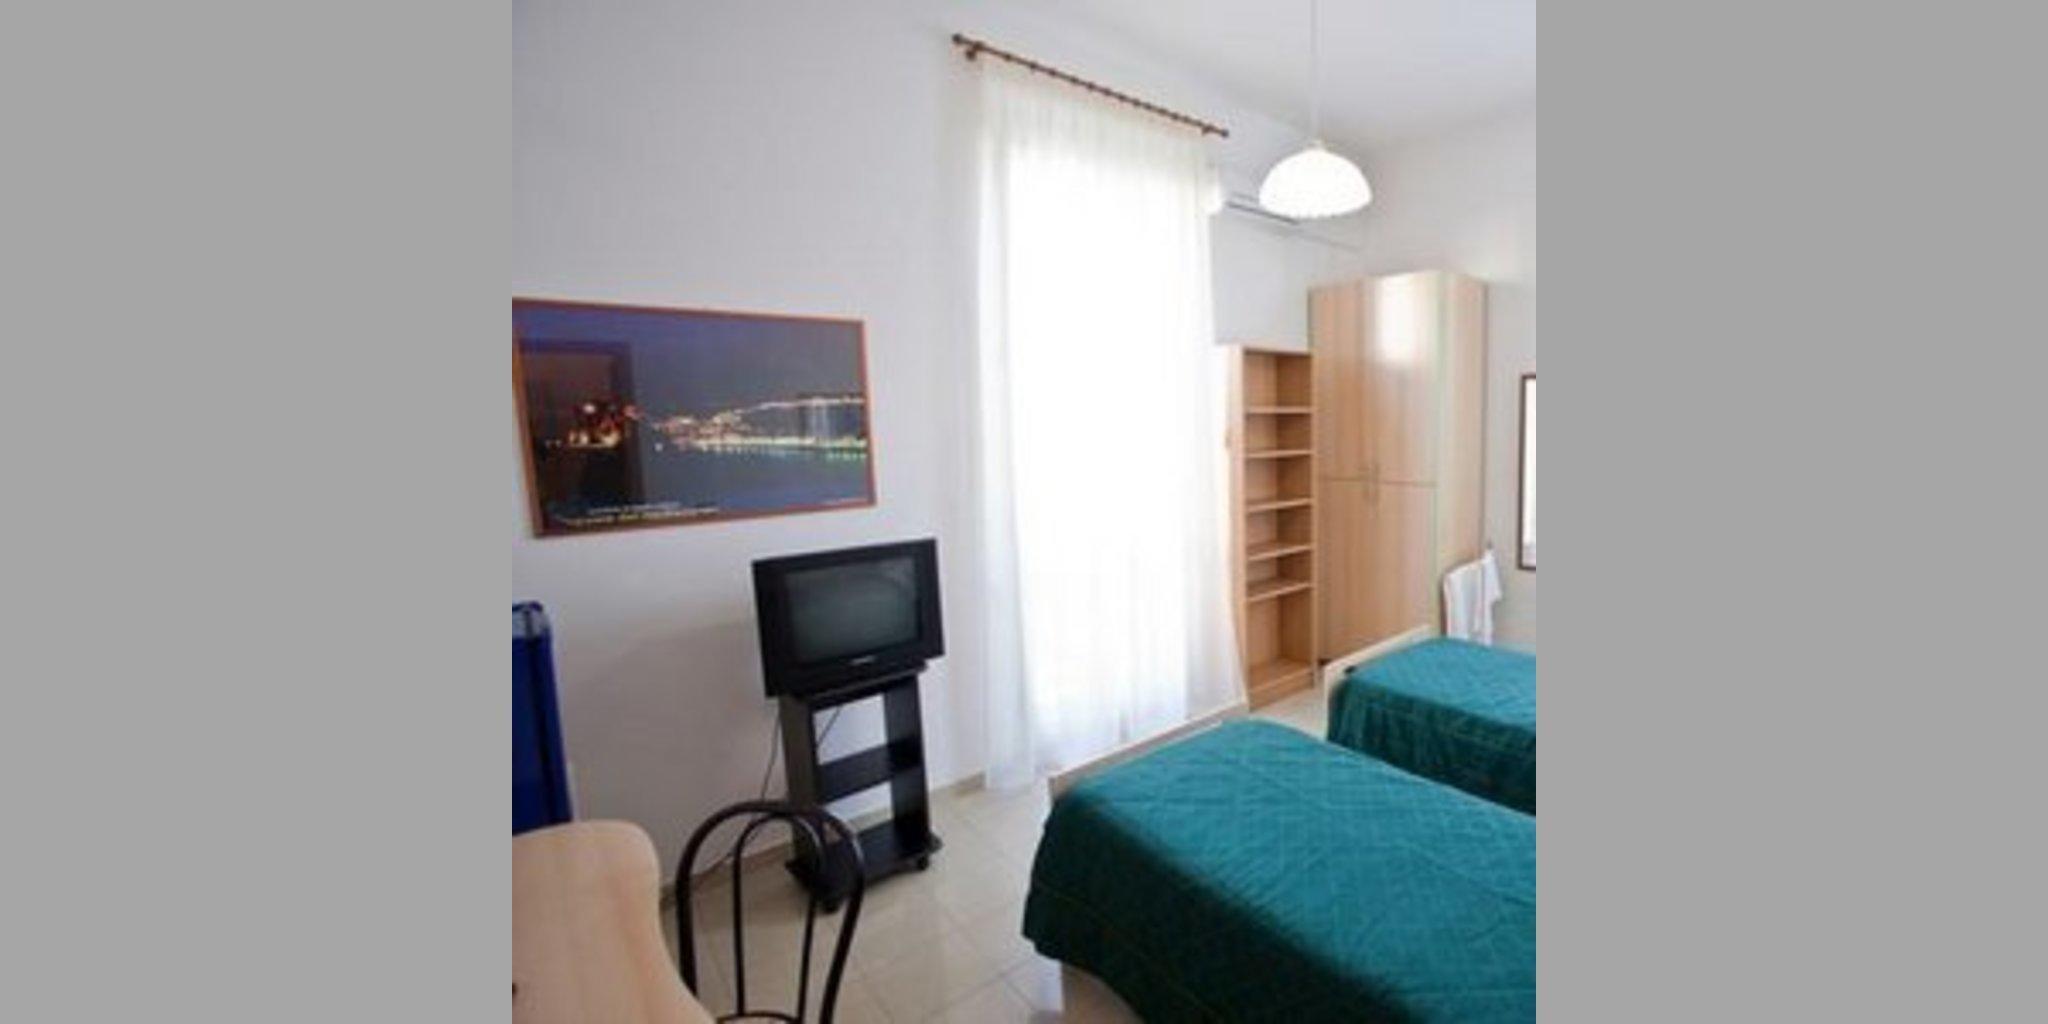 Bed & Breakfast Reggio Di Calabria - A 200 M Dal Lungomare